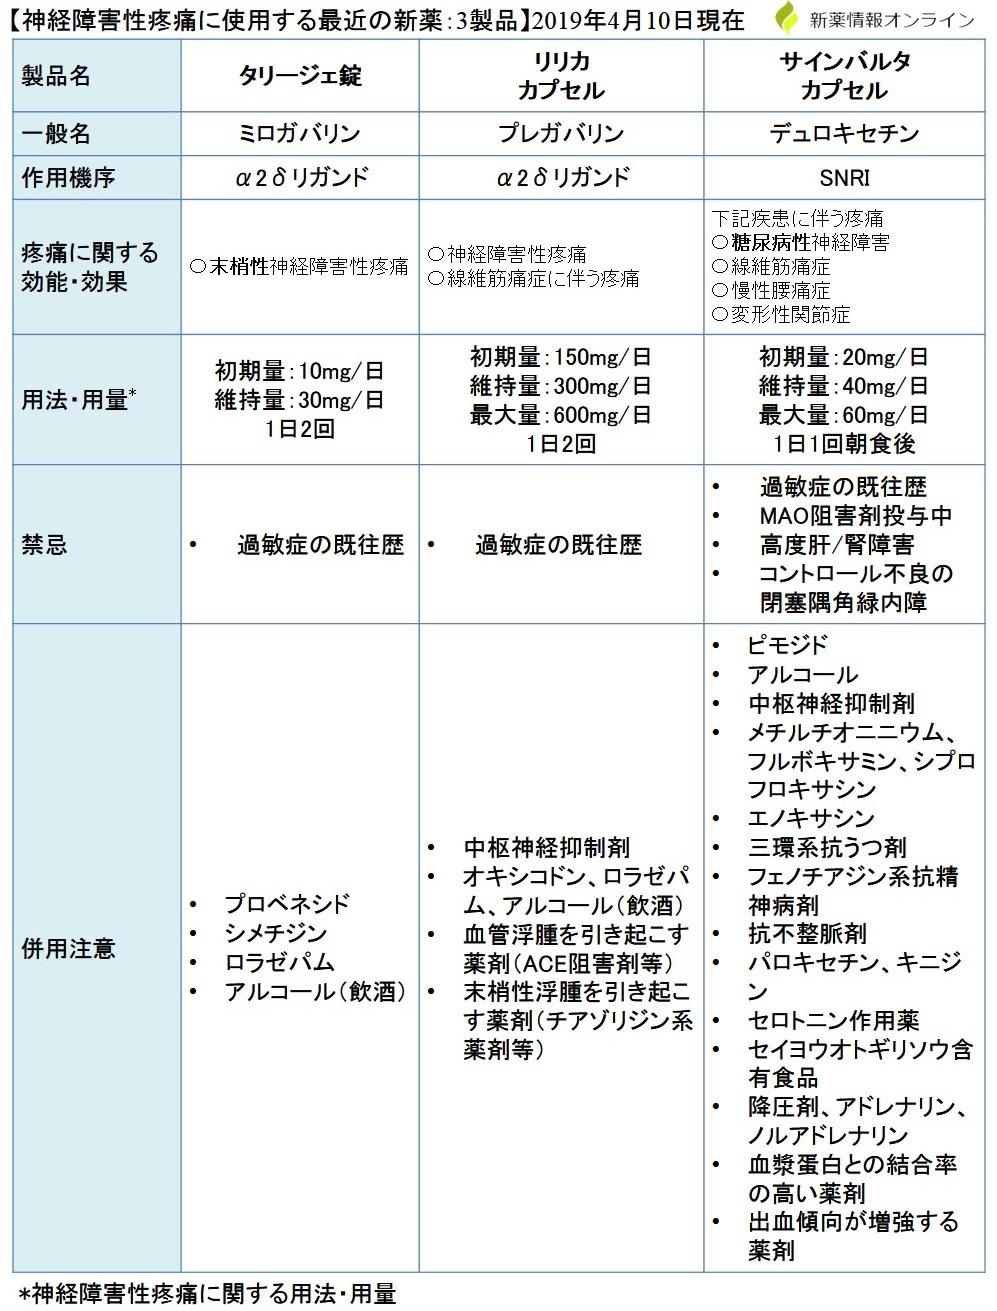 神経障害性疼痛に使用するタリージェ・リリカ・サインバルタの比較・一覧表